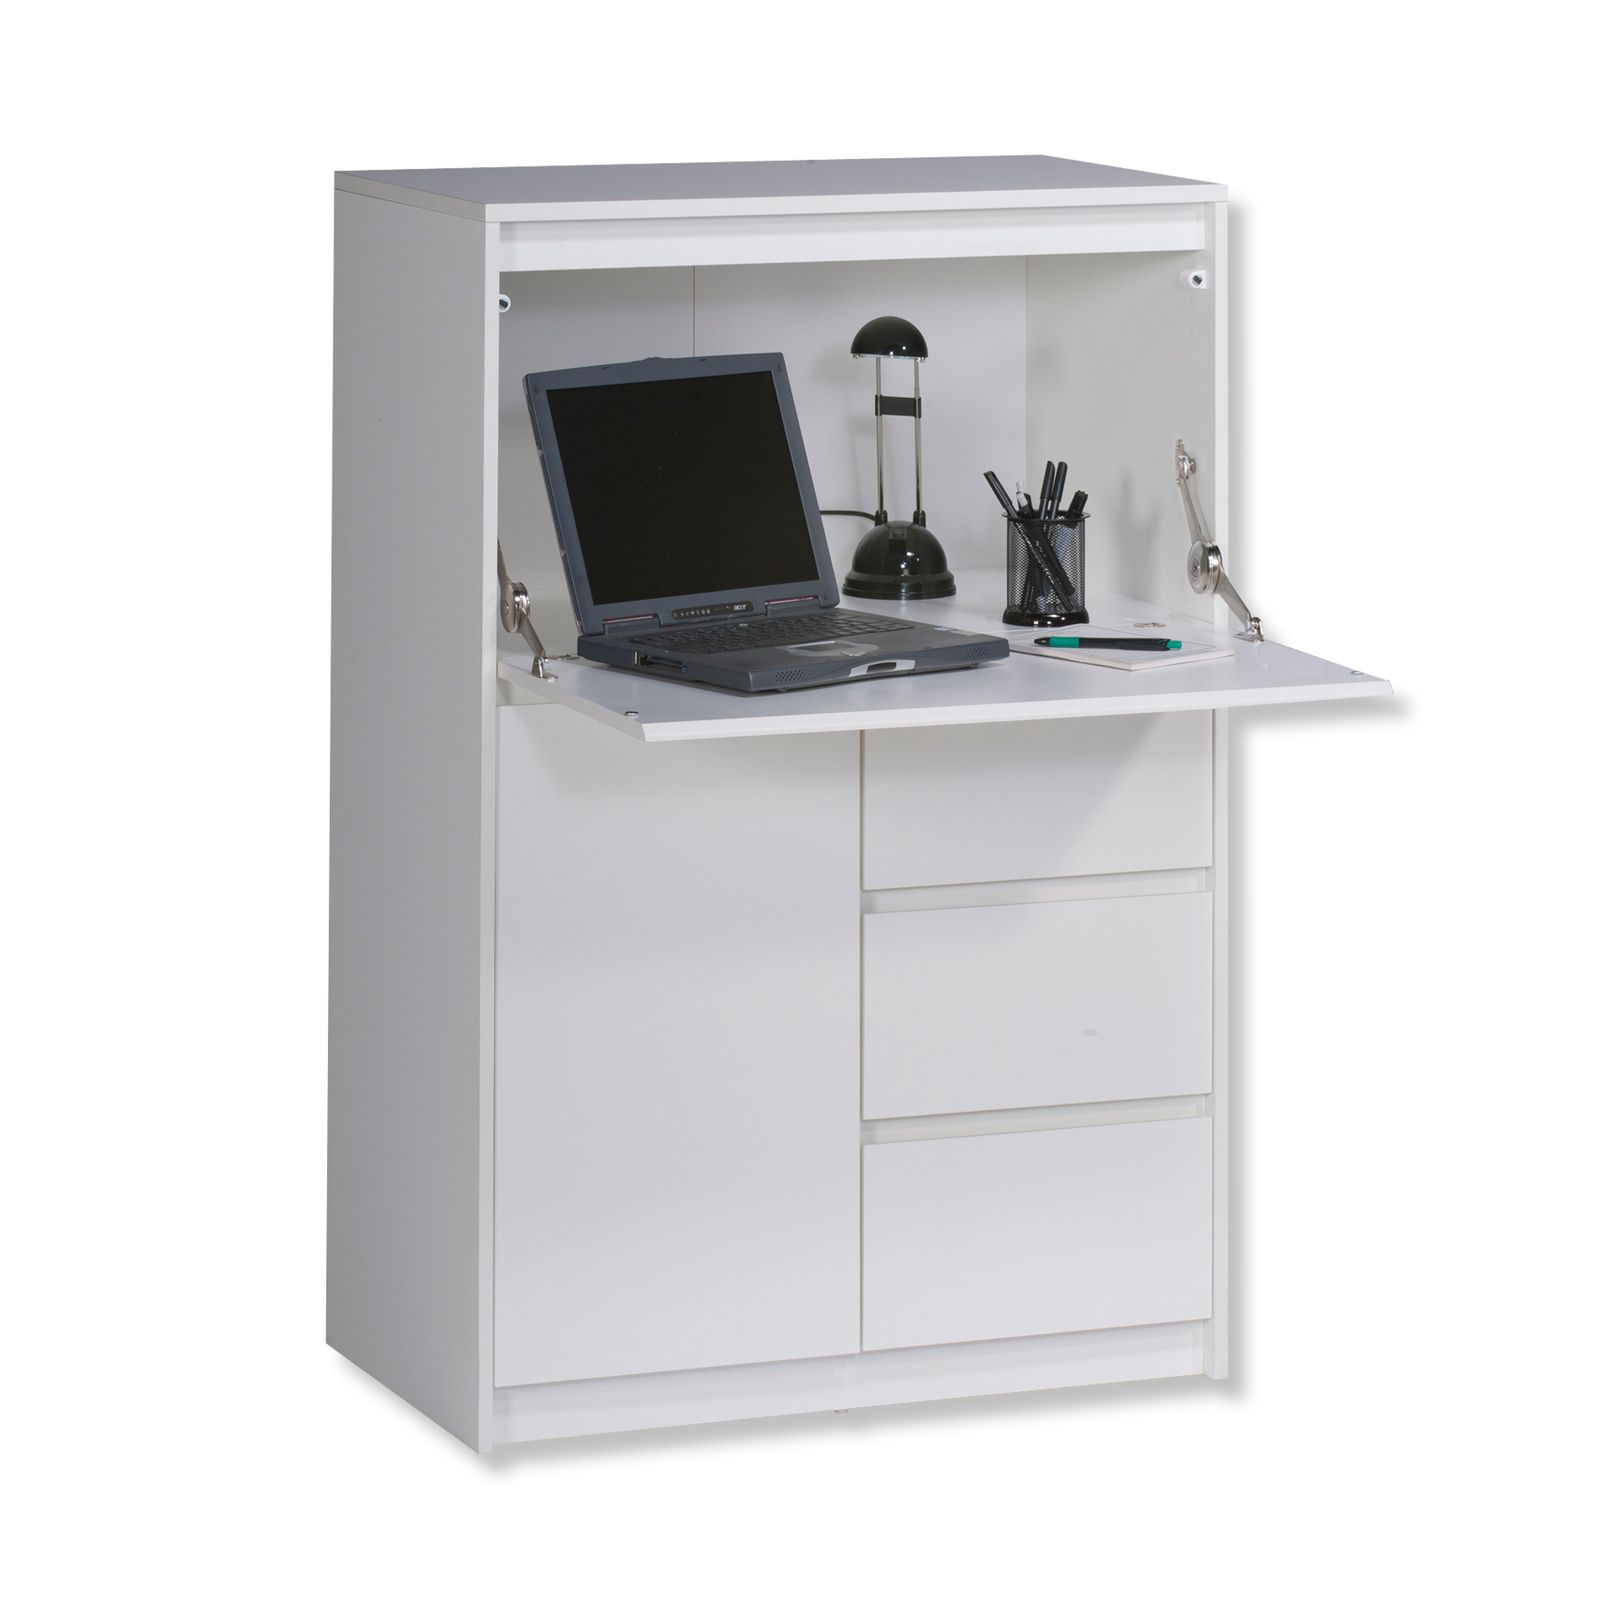 Sekretar 4005 Schreibtische Mobel Mobelhaus Roller Schreibtischideen Mobel Roller Schreibtisch